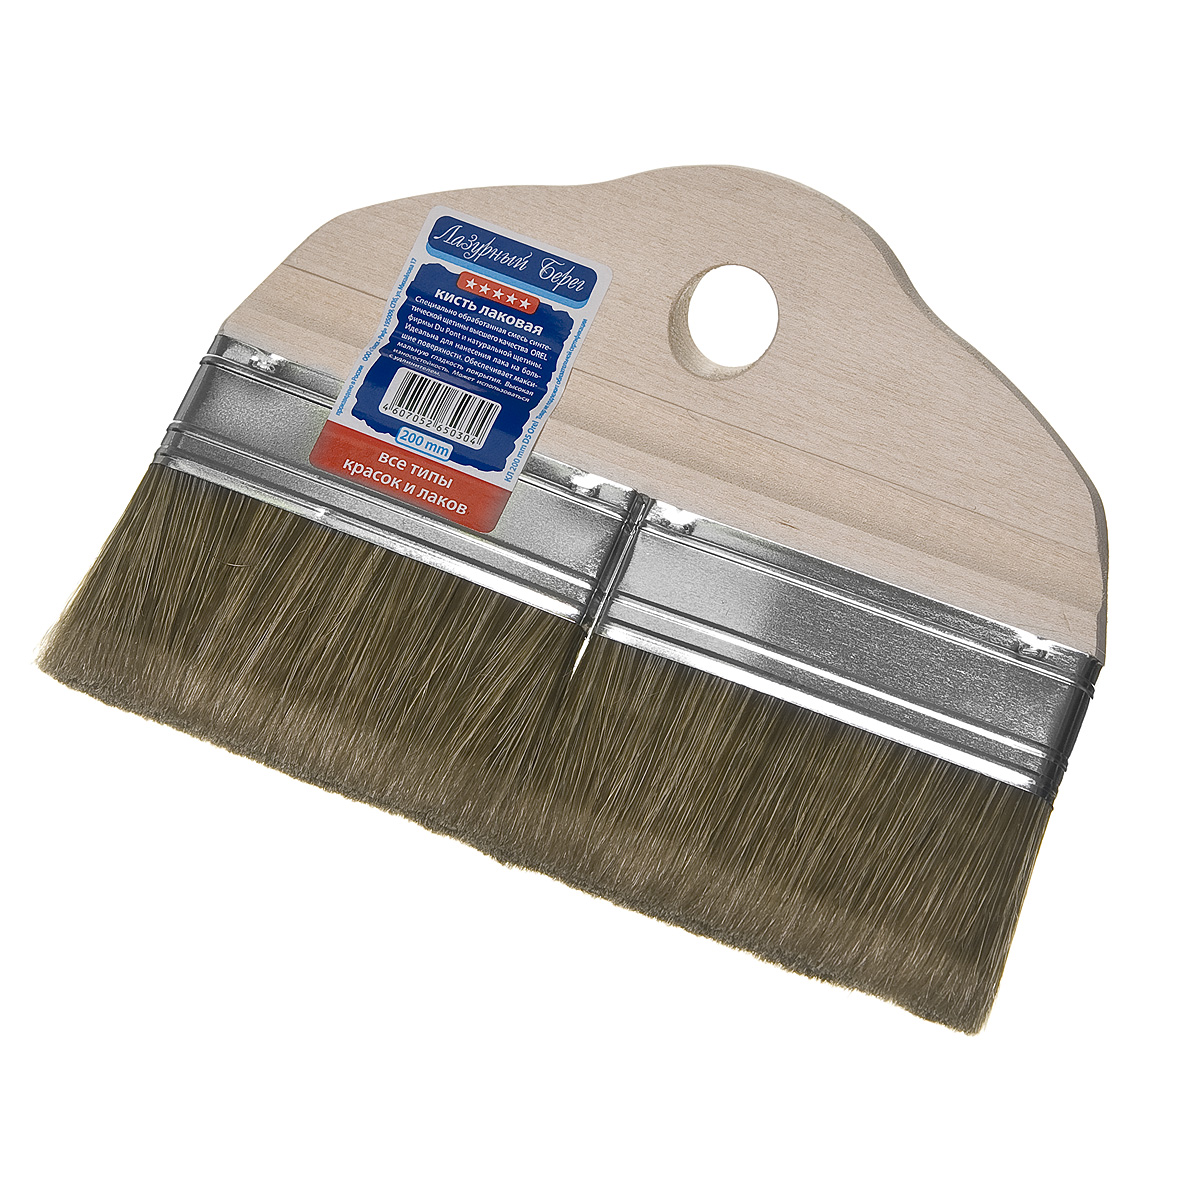 Кисть плоская 200 мм смешанная щетина деревянная ручка (для лака) Лазурный берег Стандарт